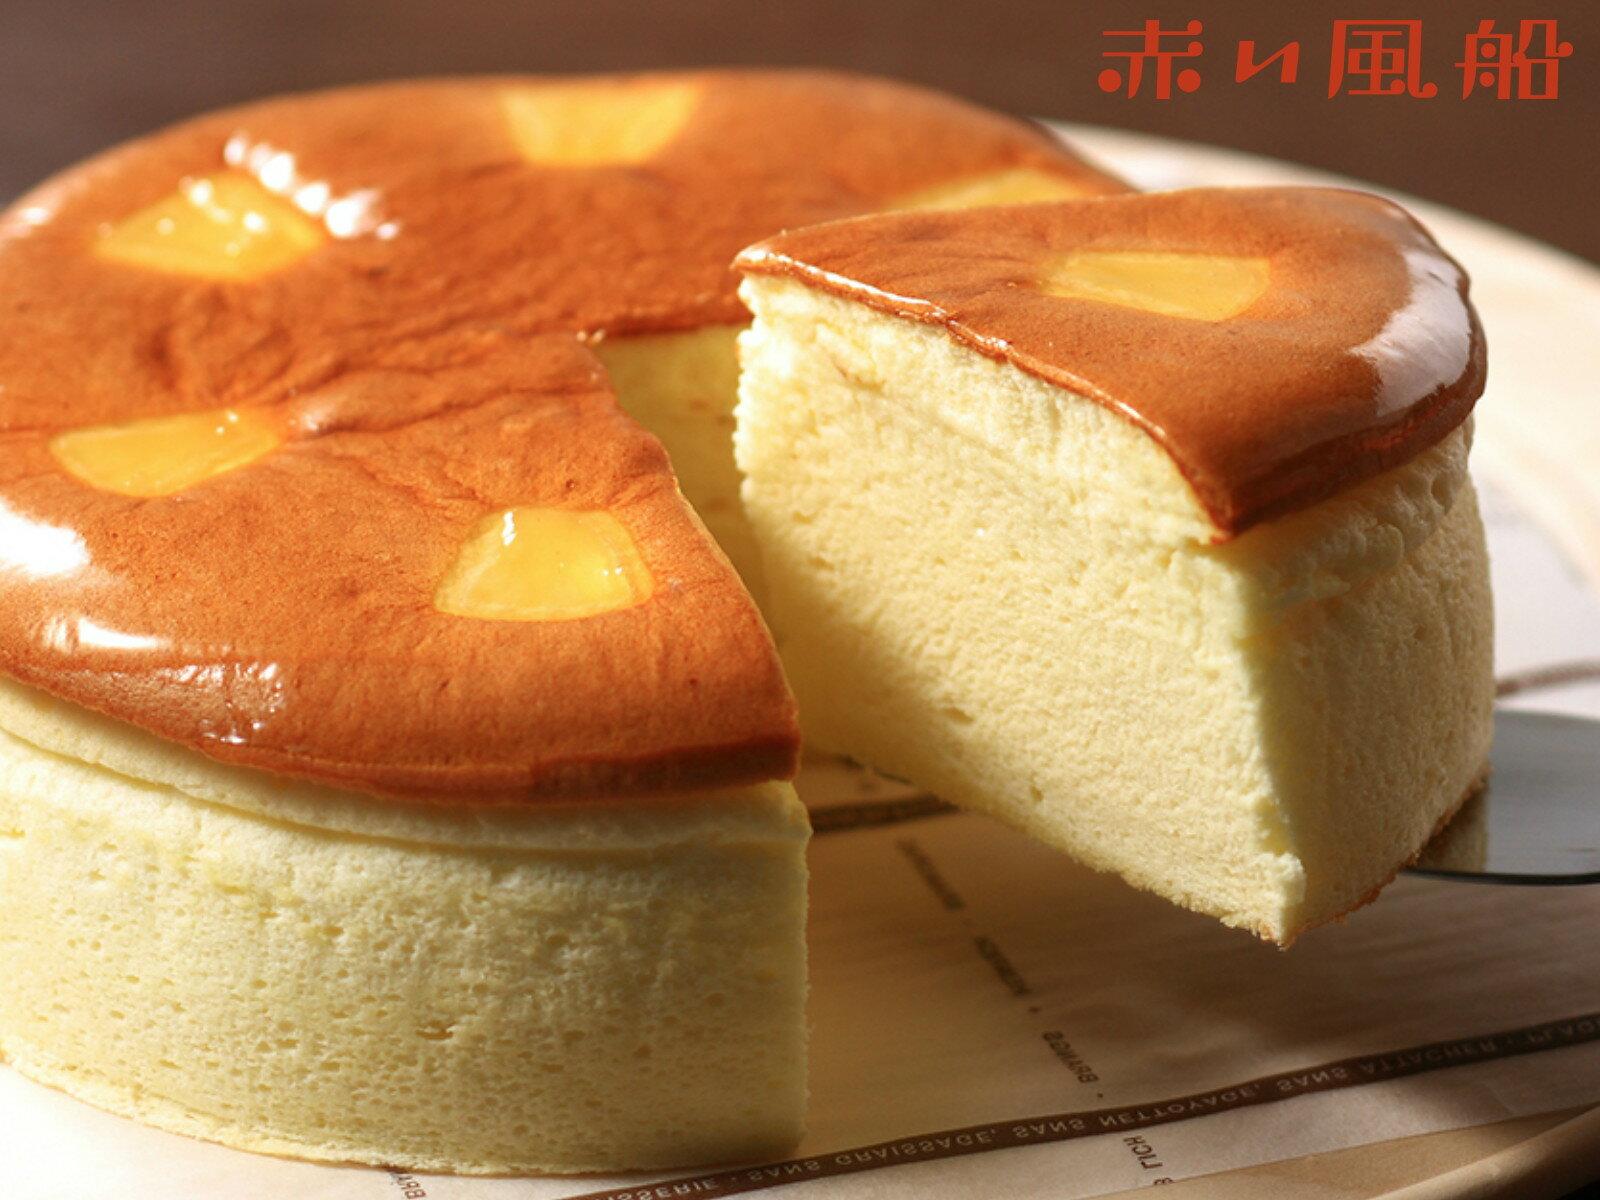 赤い風船 スフレチーズケーキ<冷凍便>チーズケーキ ふわふわ パイン ロングセラー 誕生日 バースデー 大人気 お菓子